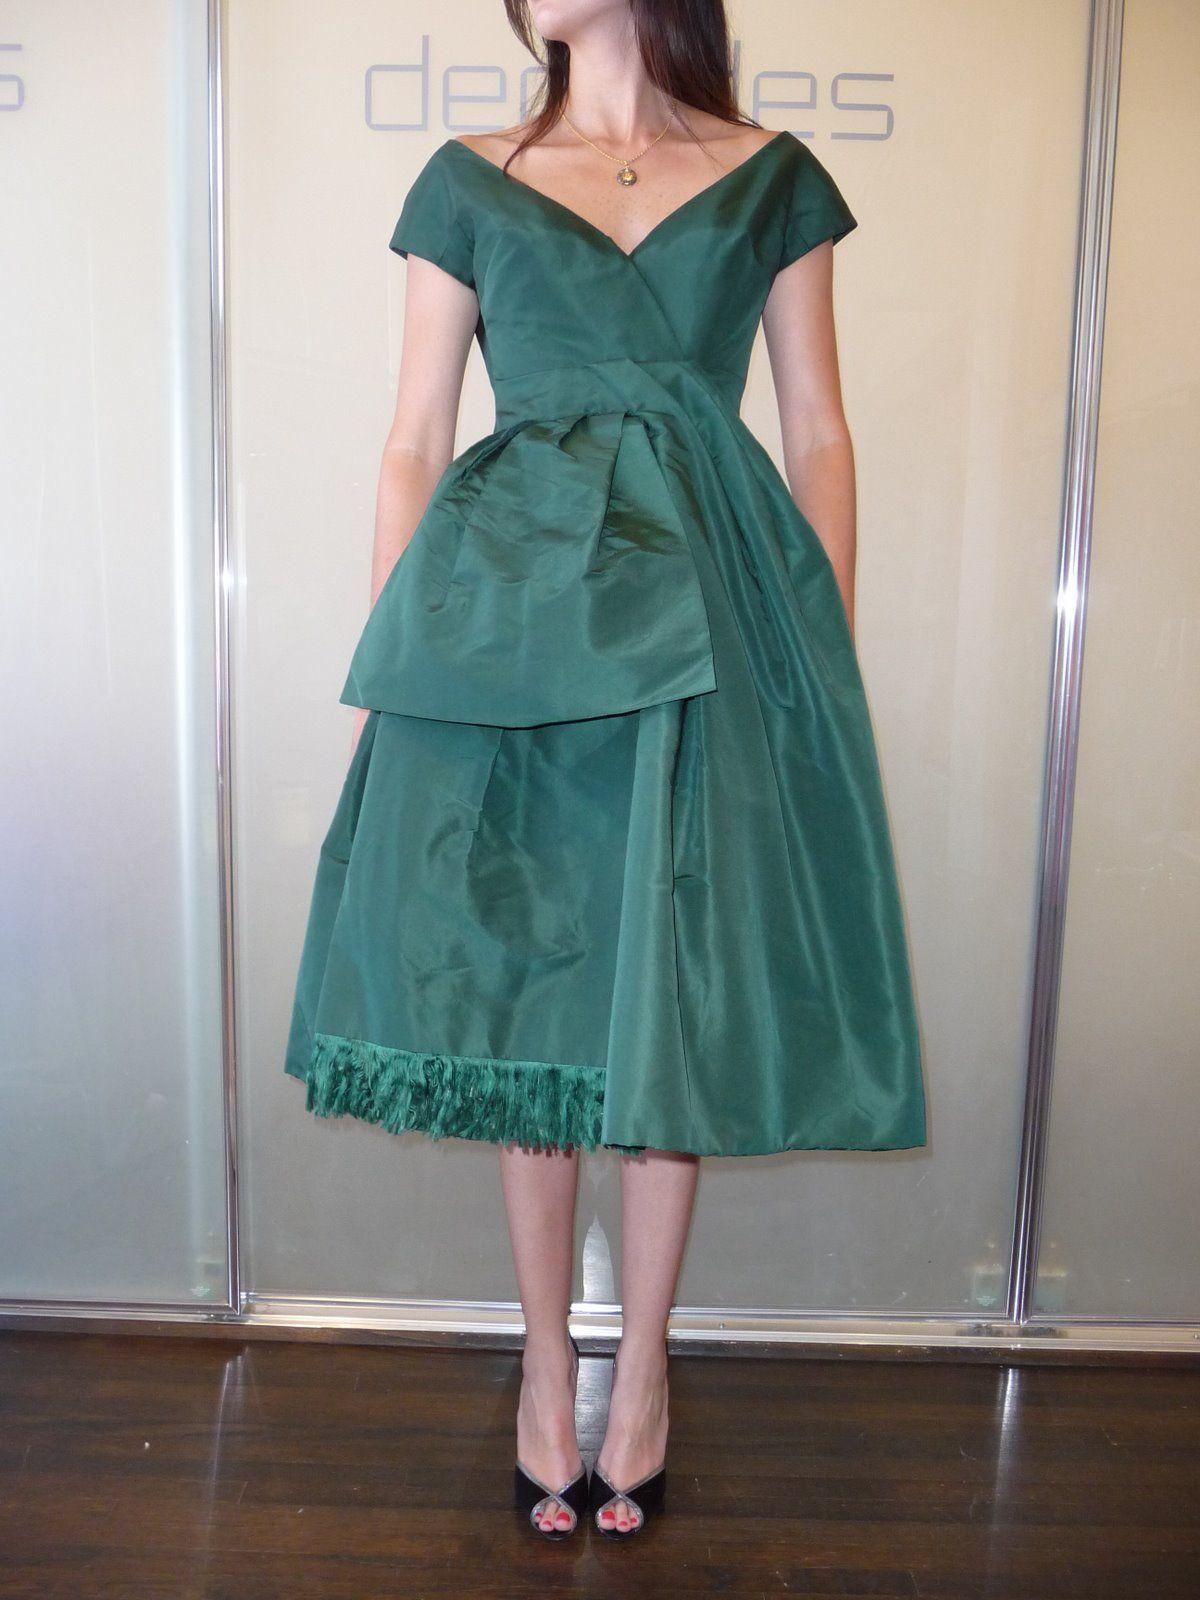 Pin von Laura Mae auf Rose de France Gala Gown | Pinterest